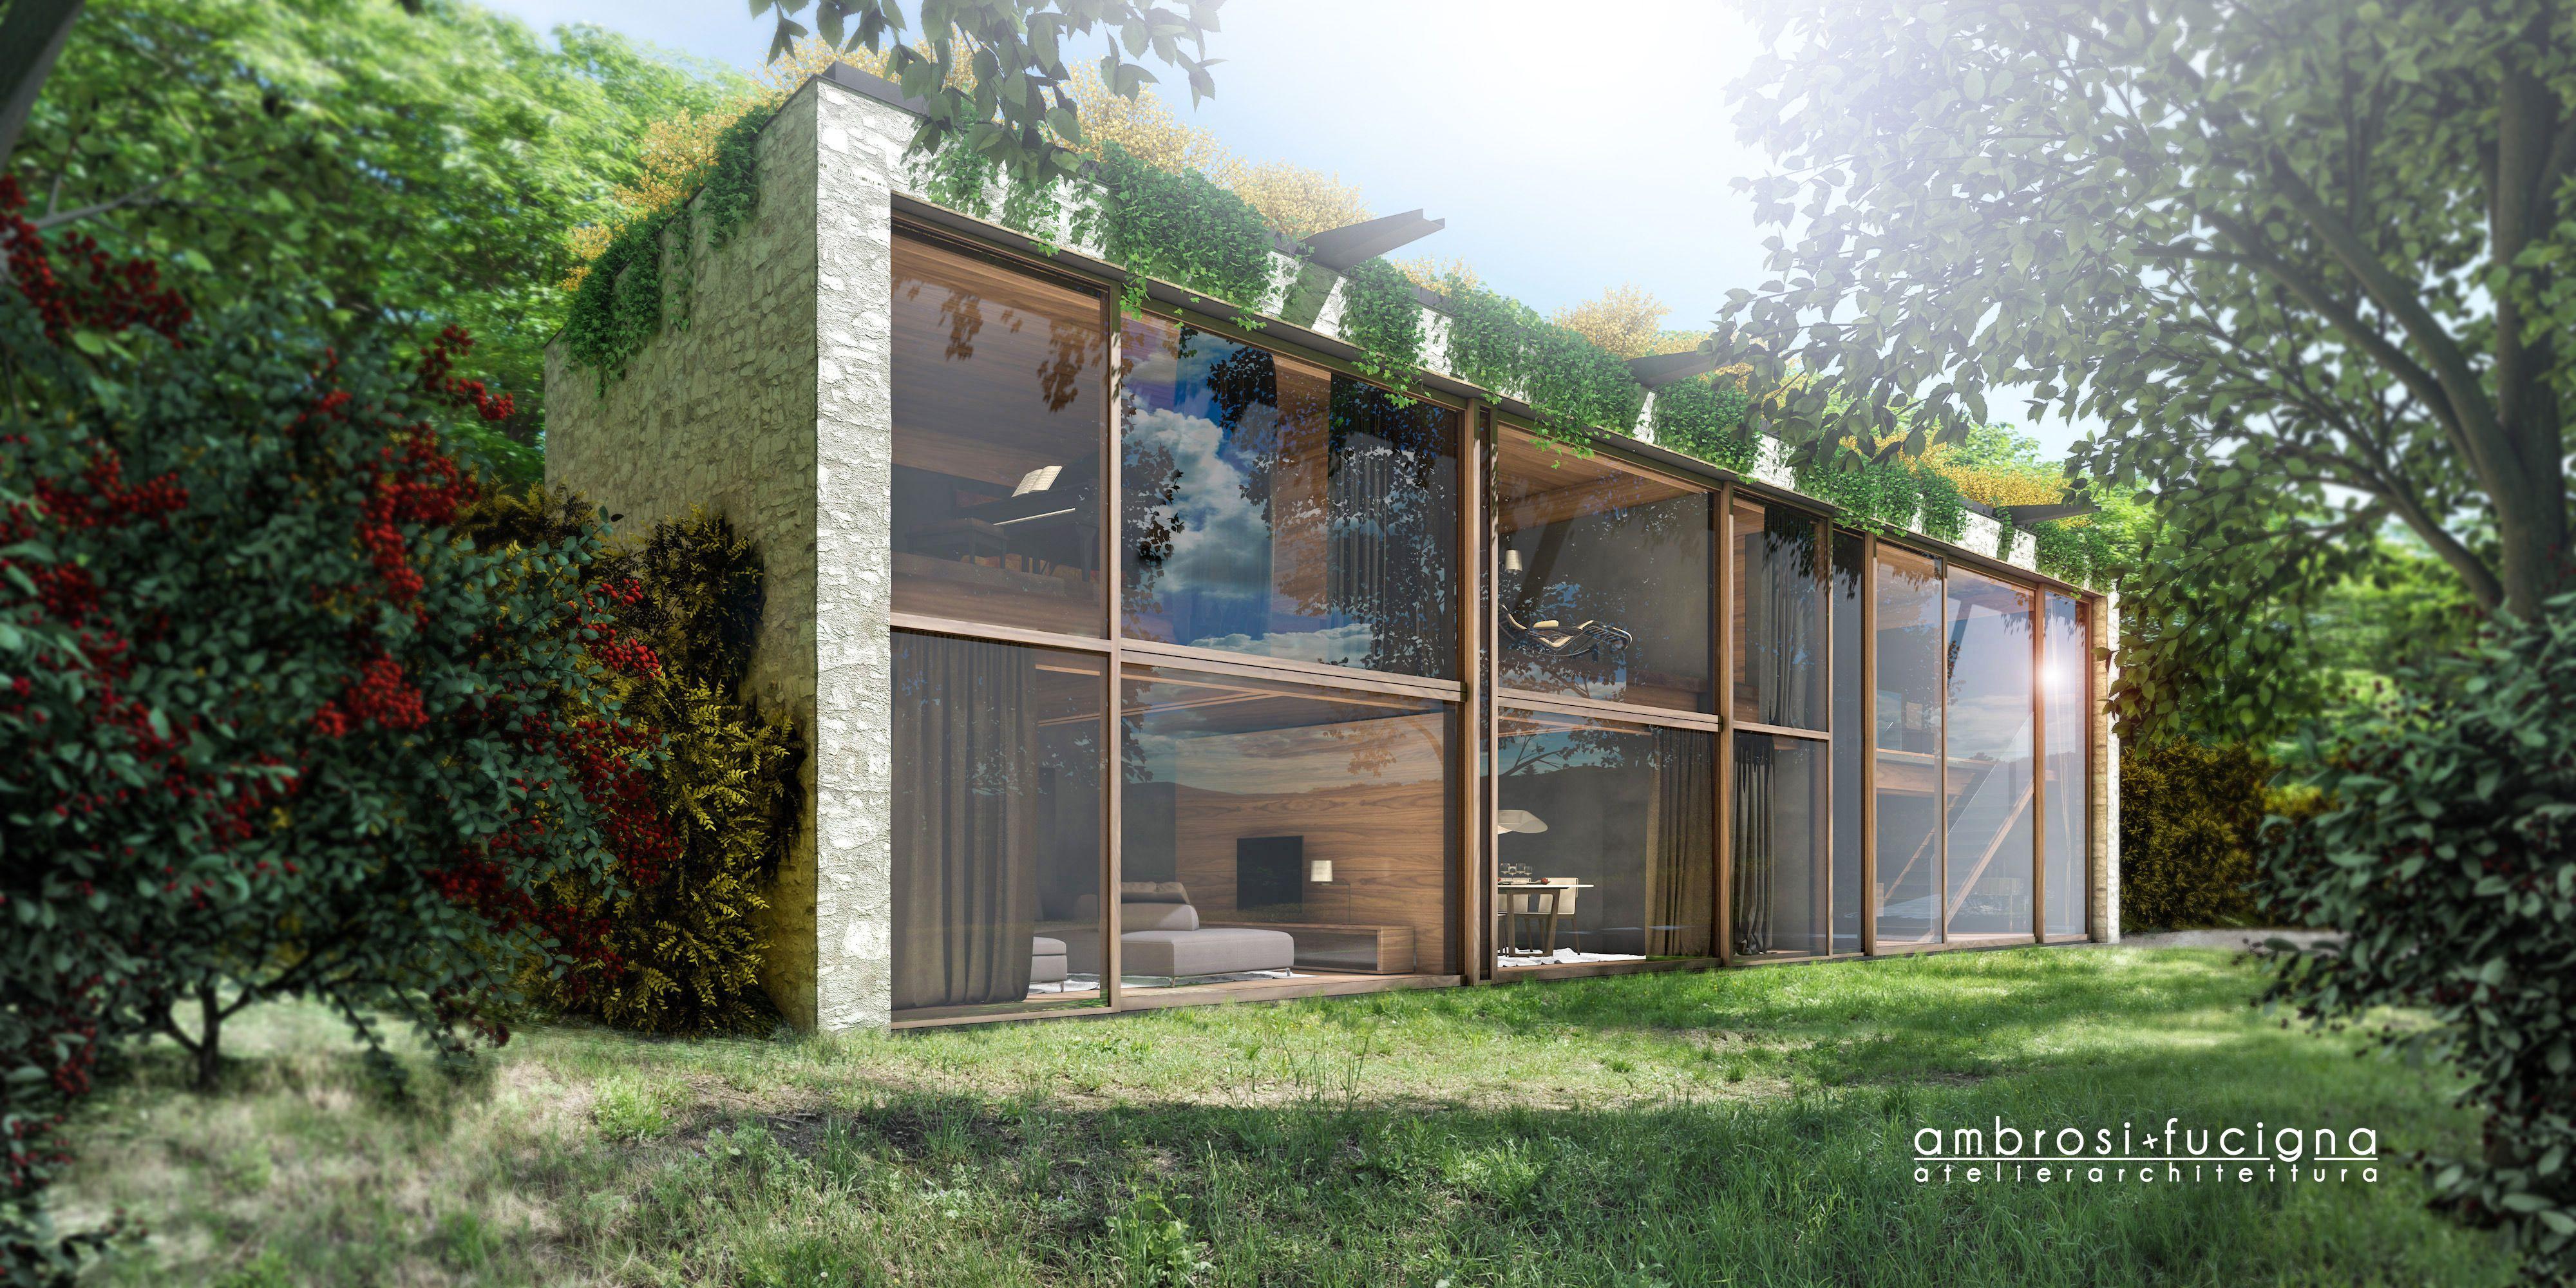 La facciata con le grandi vetrate scorrevoli apribili for Ville con grandi vetrate